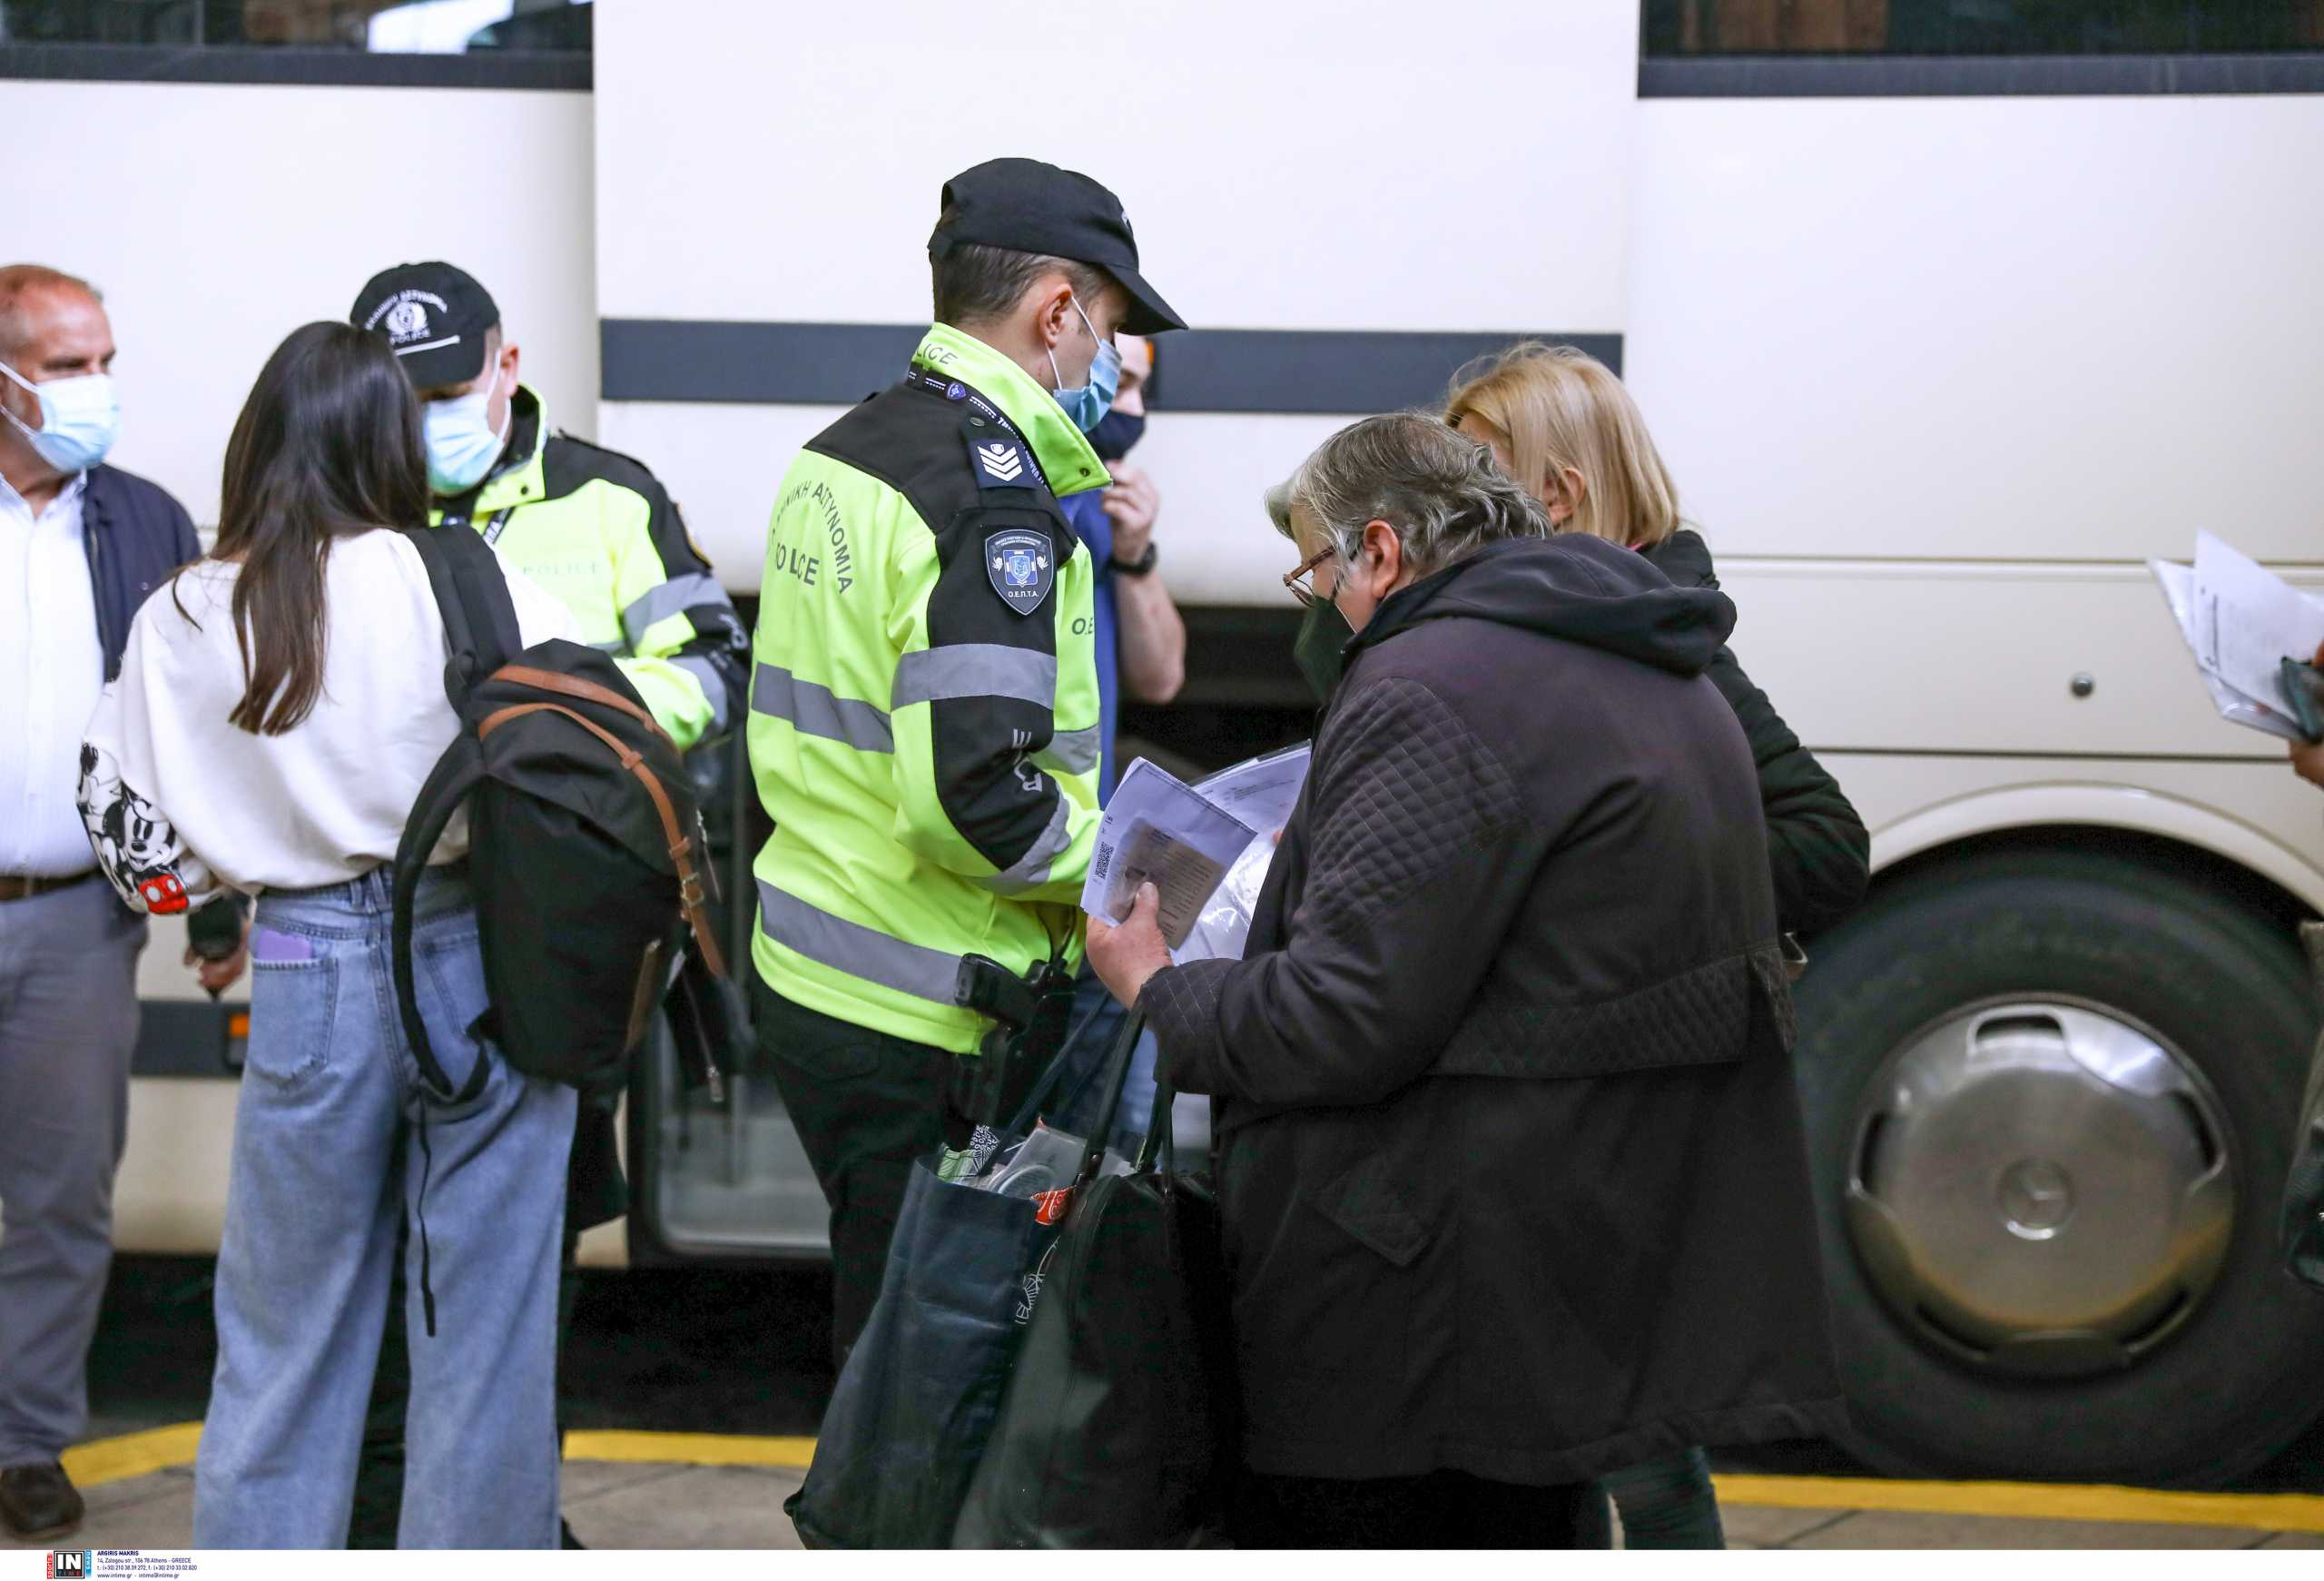 Λαμία: Ταξίδευε με το λεωφορείο και «έσβησε» ενώ έκαναν στάση